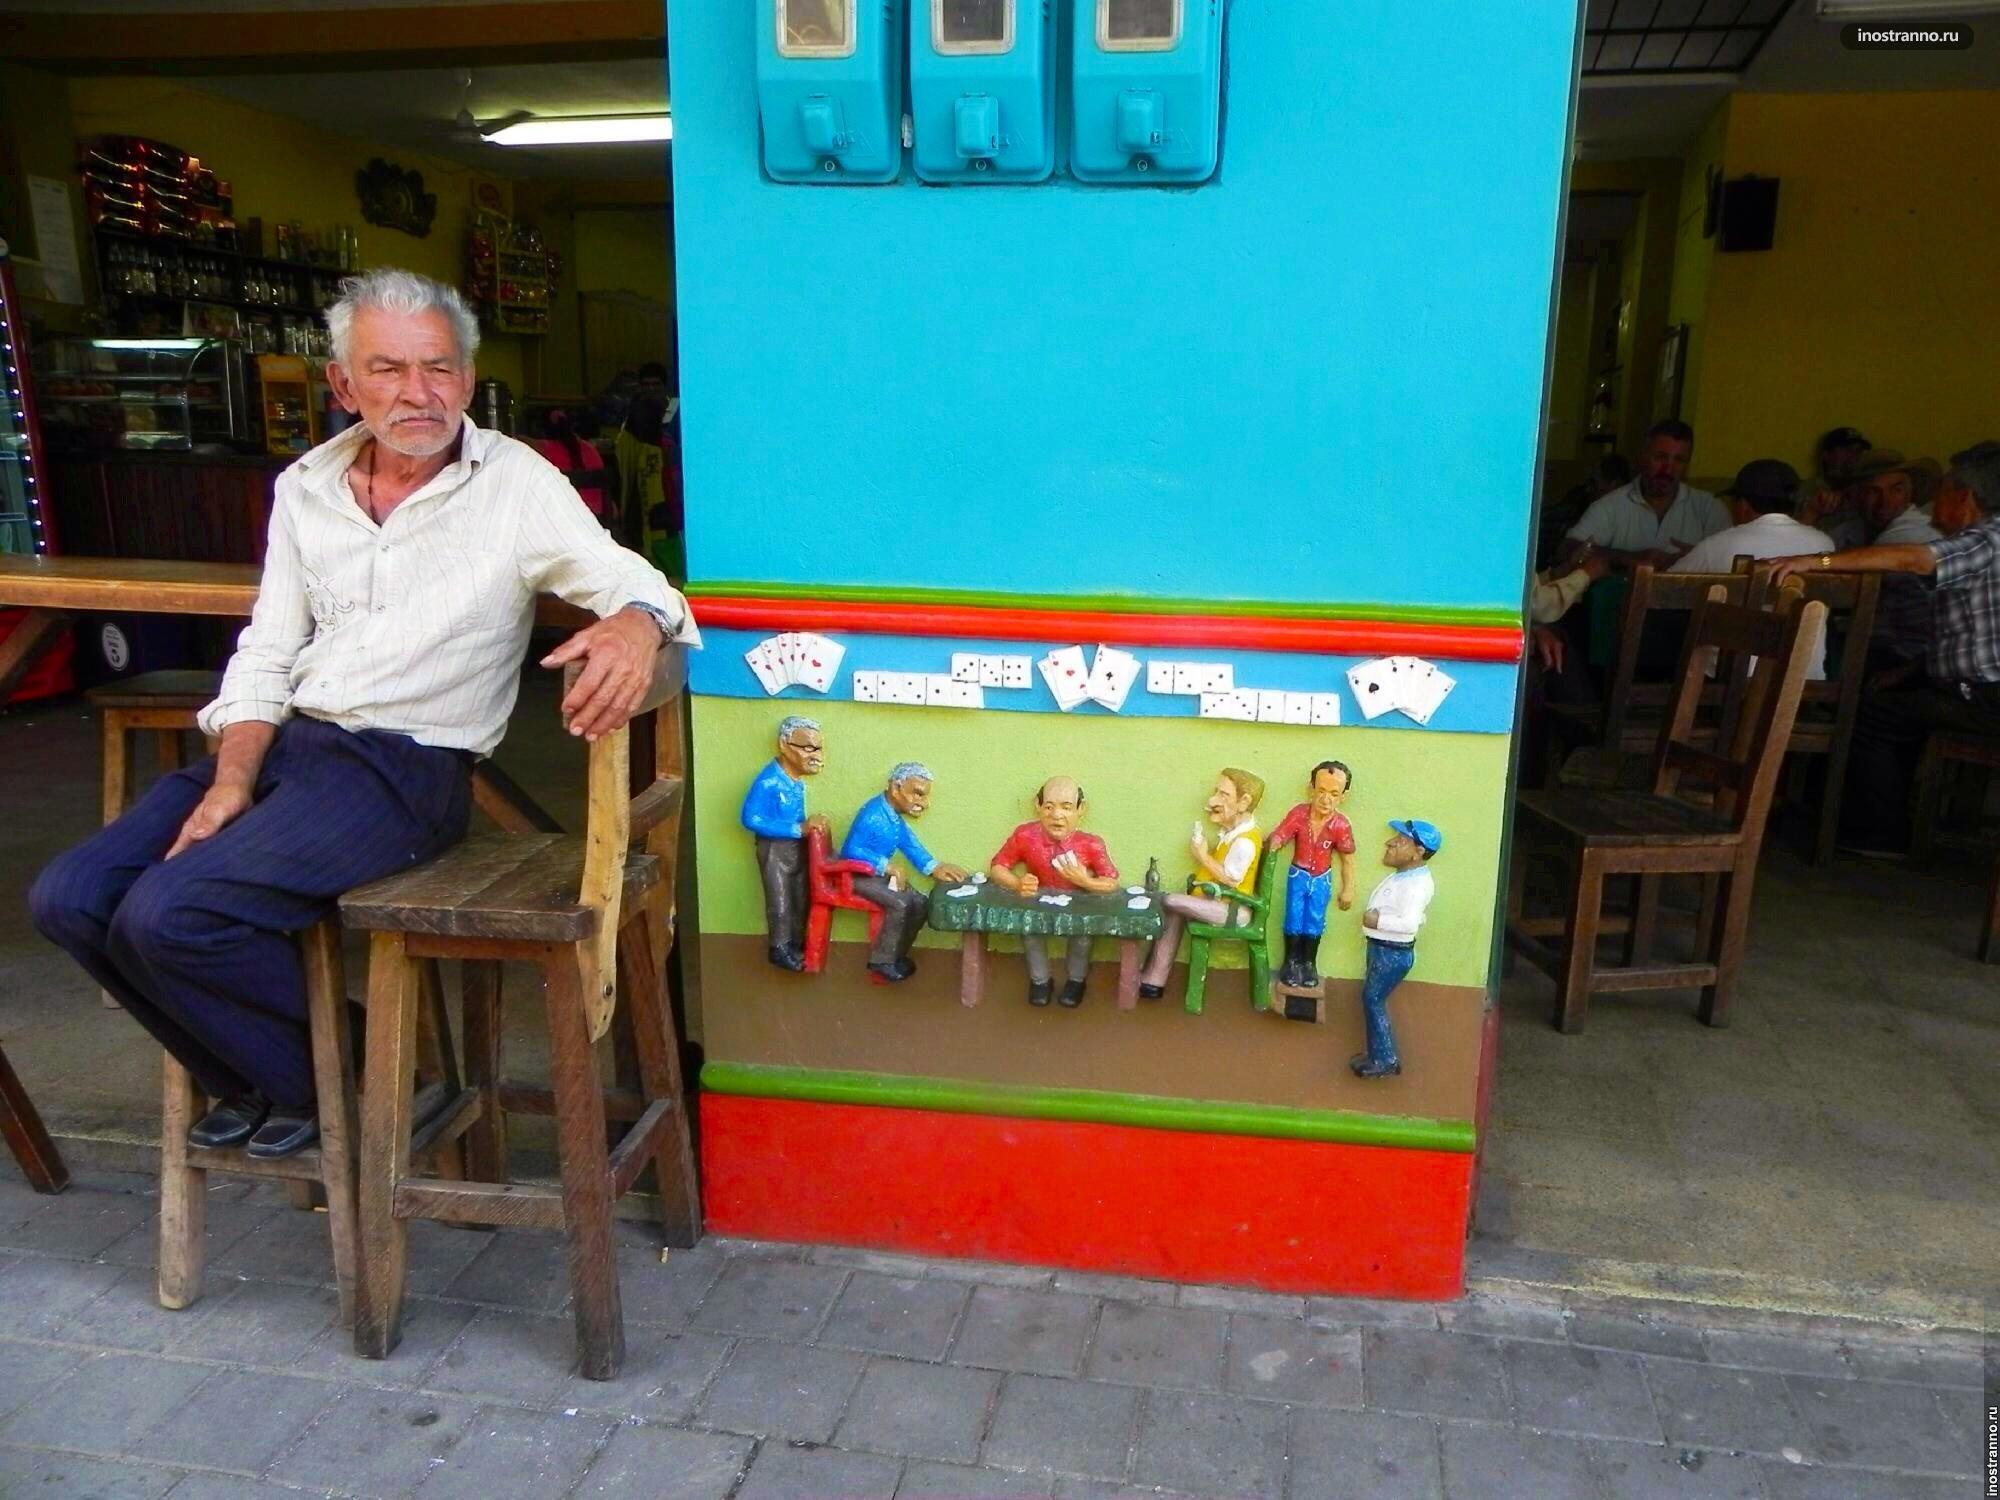 Улица в Гуатапе, Колумбия